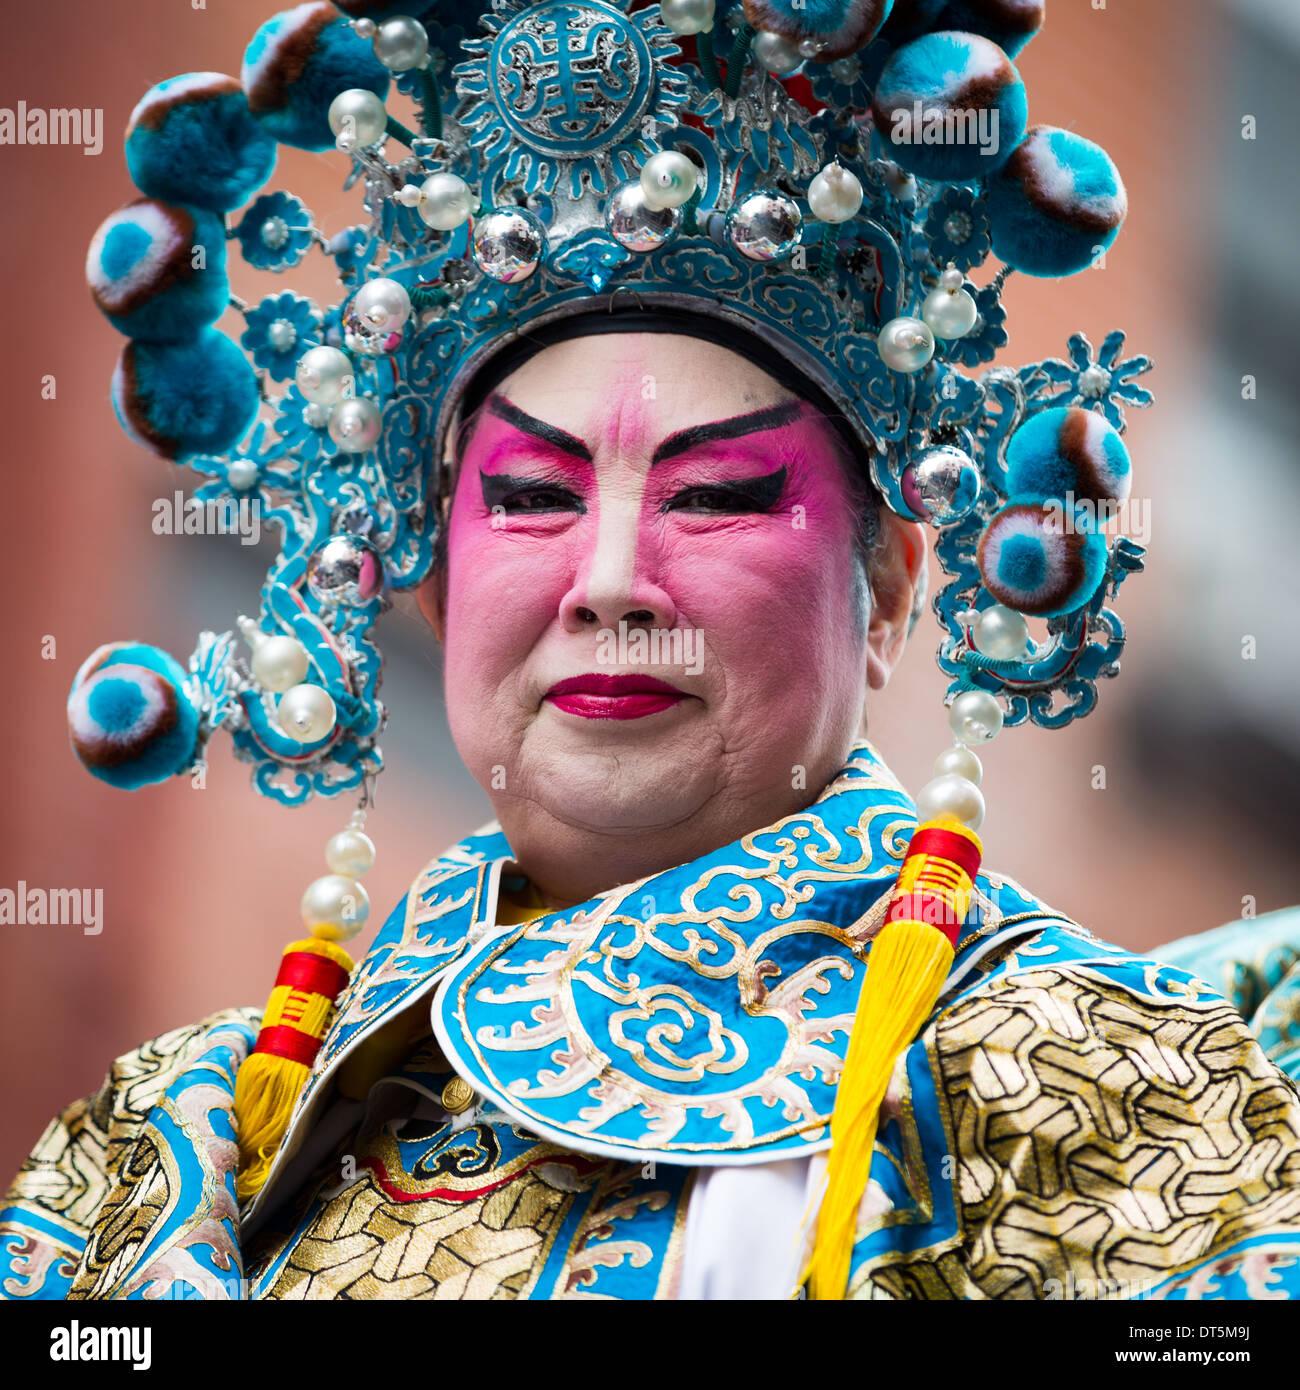 Fier chinois porter du maquillage des défilés à l'occasion du Nouvel An lunaire Festival à Chinatown. Photo Stock